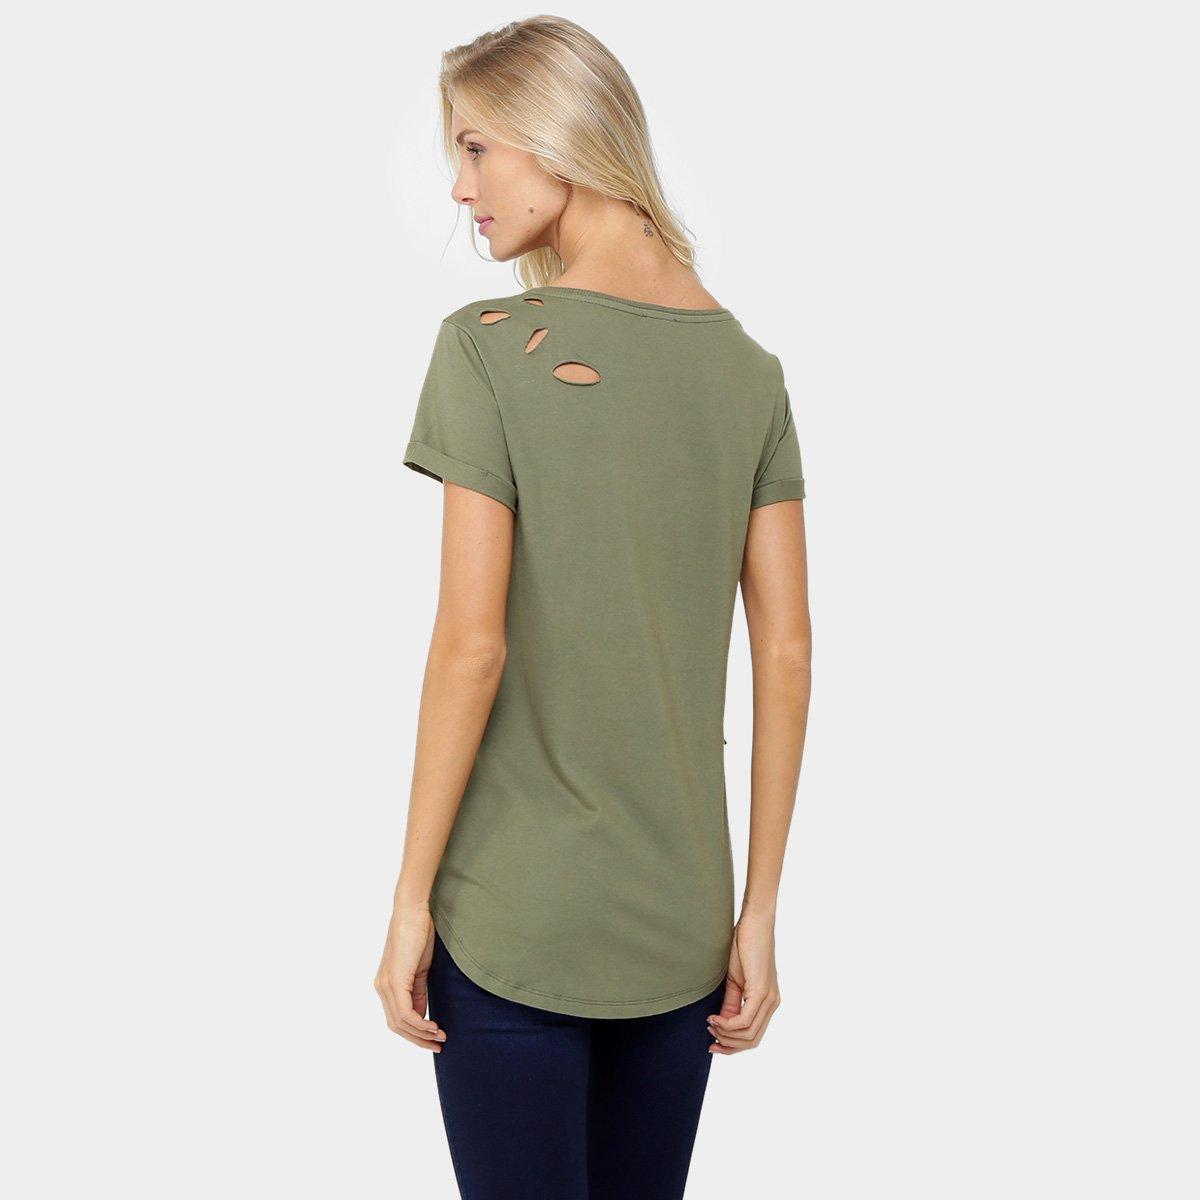 36880b615a982 Blusa Calvin Klein Long Furos Feminina - Compre Agora   Zattini